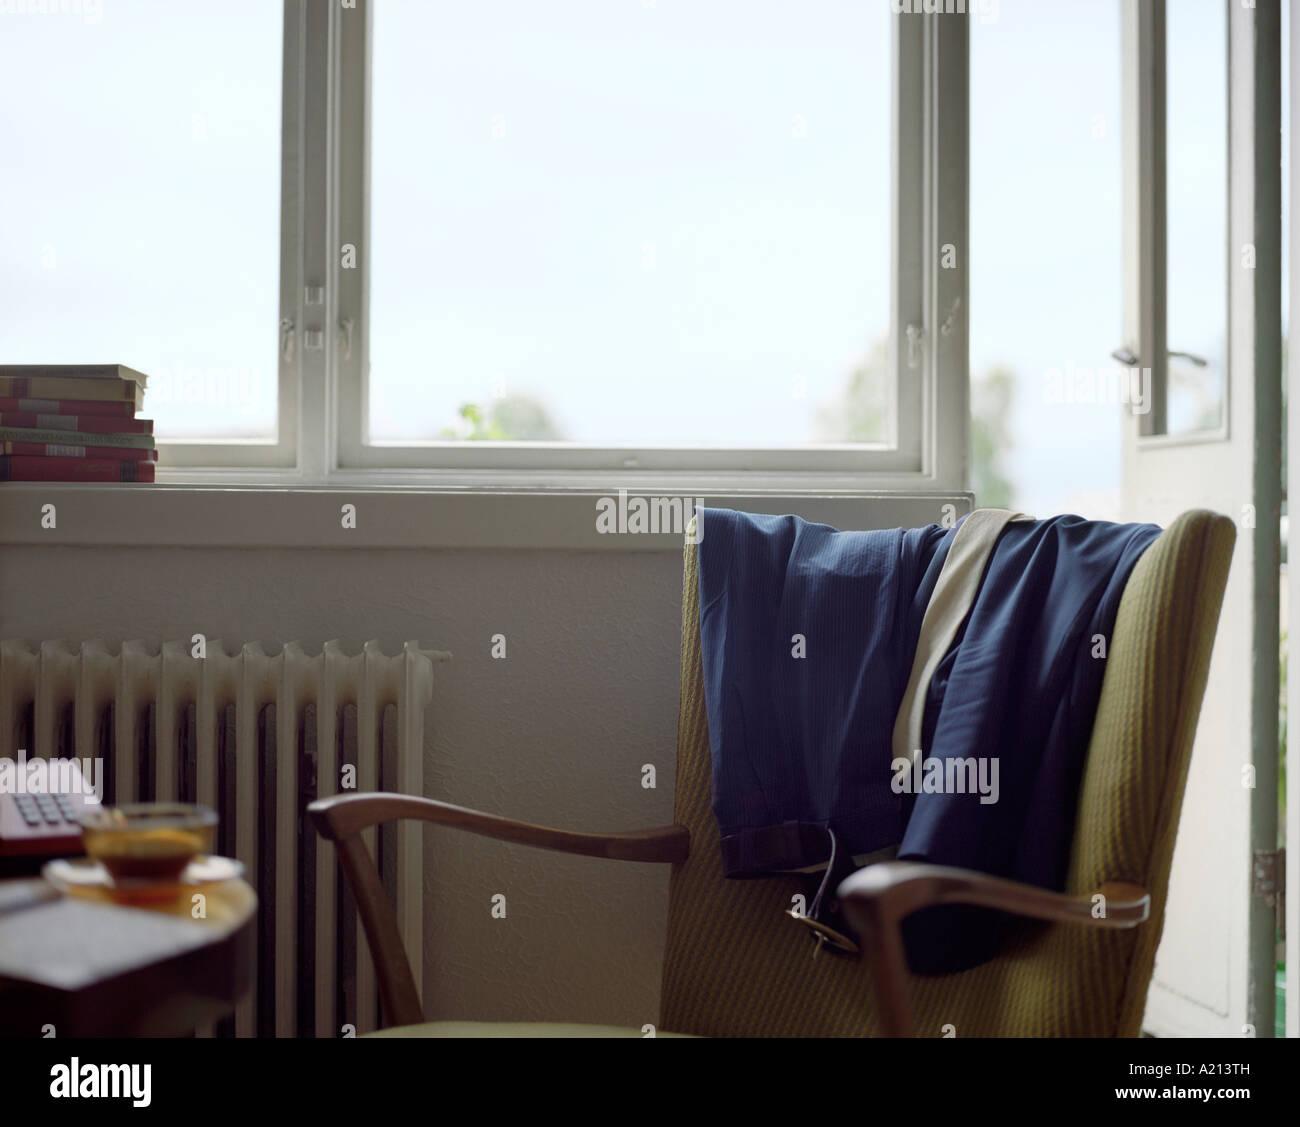 Ropa cuelgan en la parte posterior del sillón Imagen De Stock